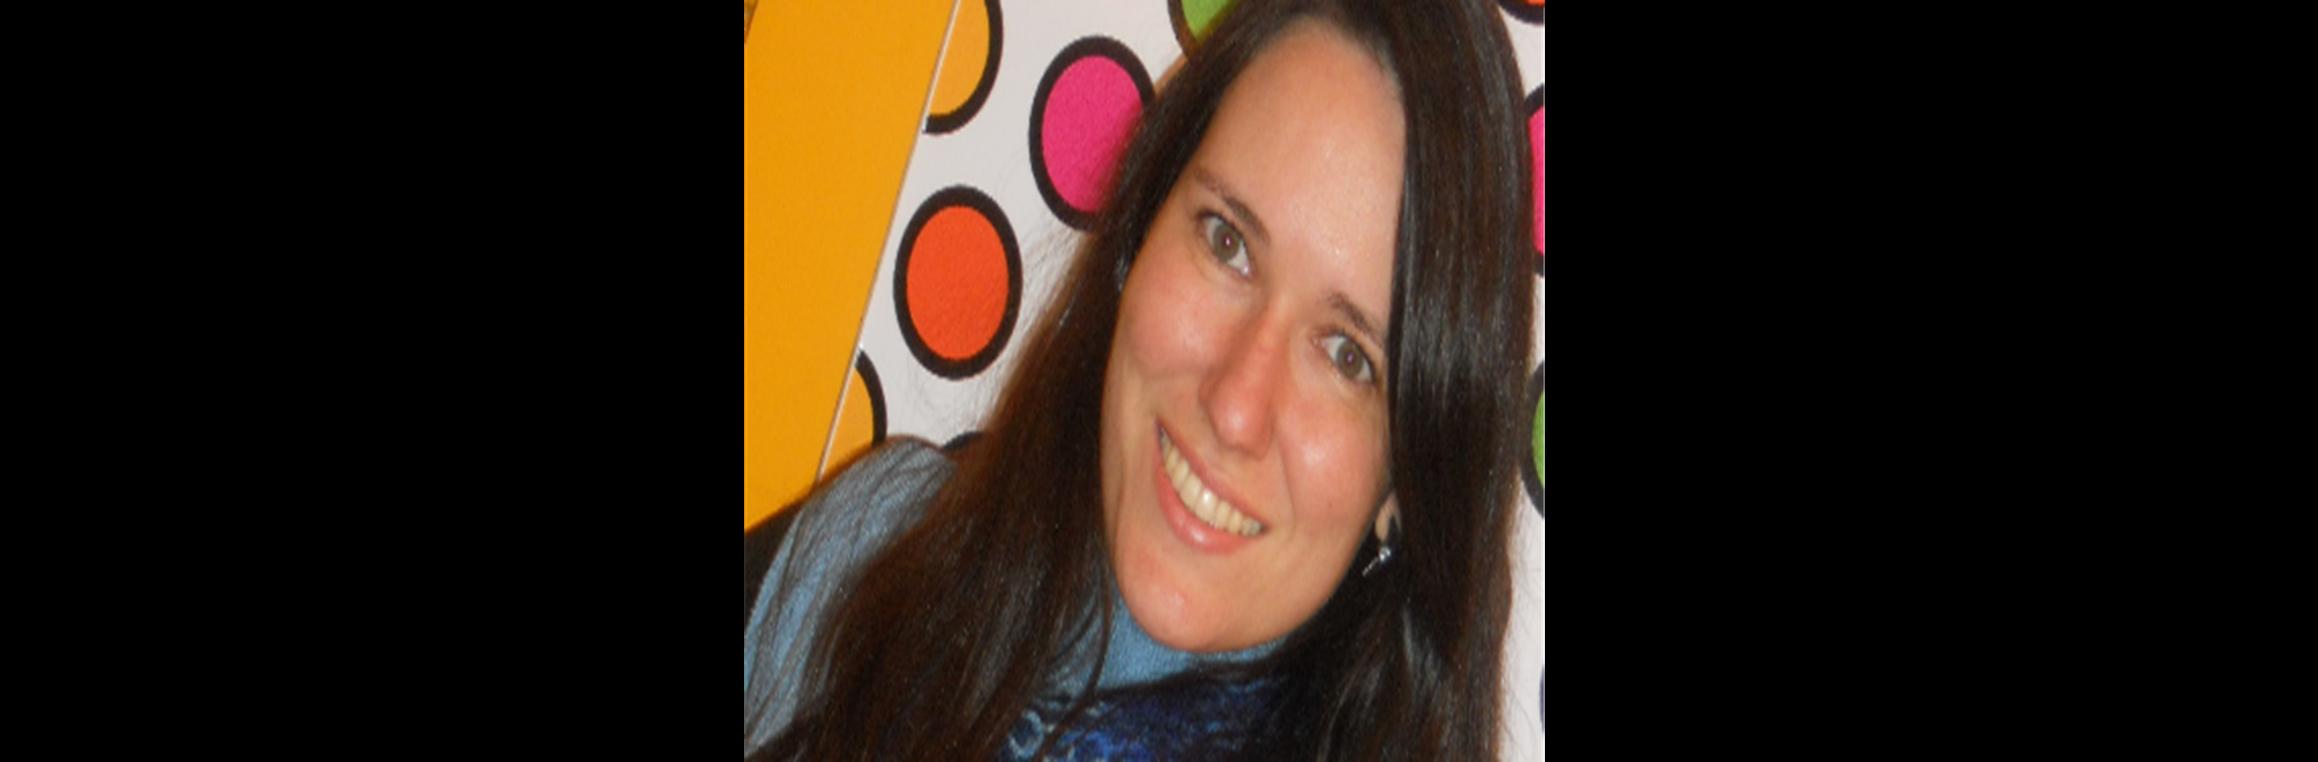 Aimée Schneider